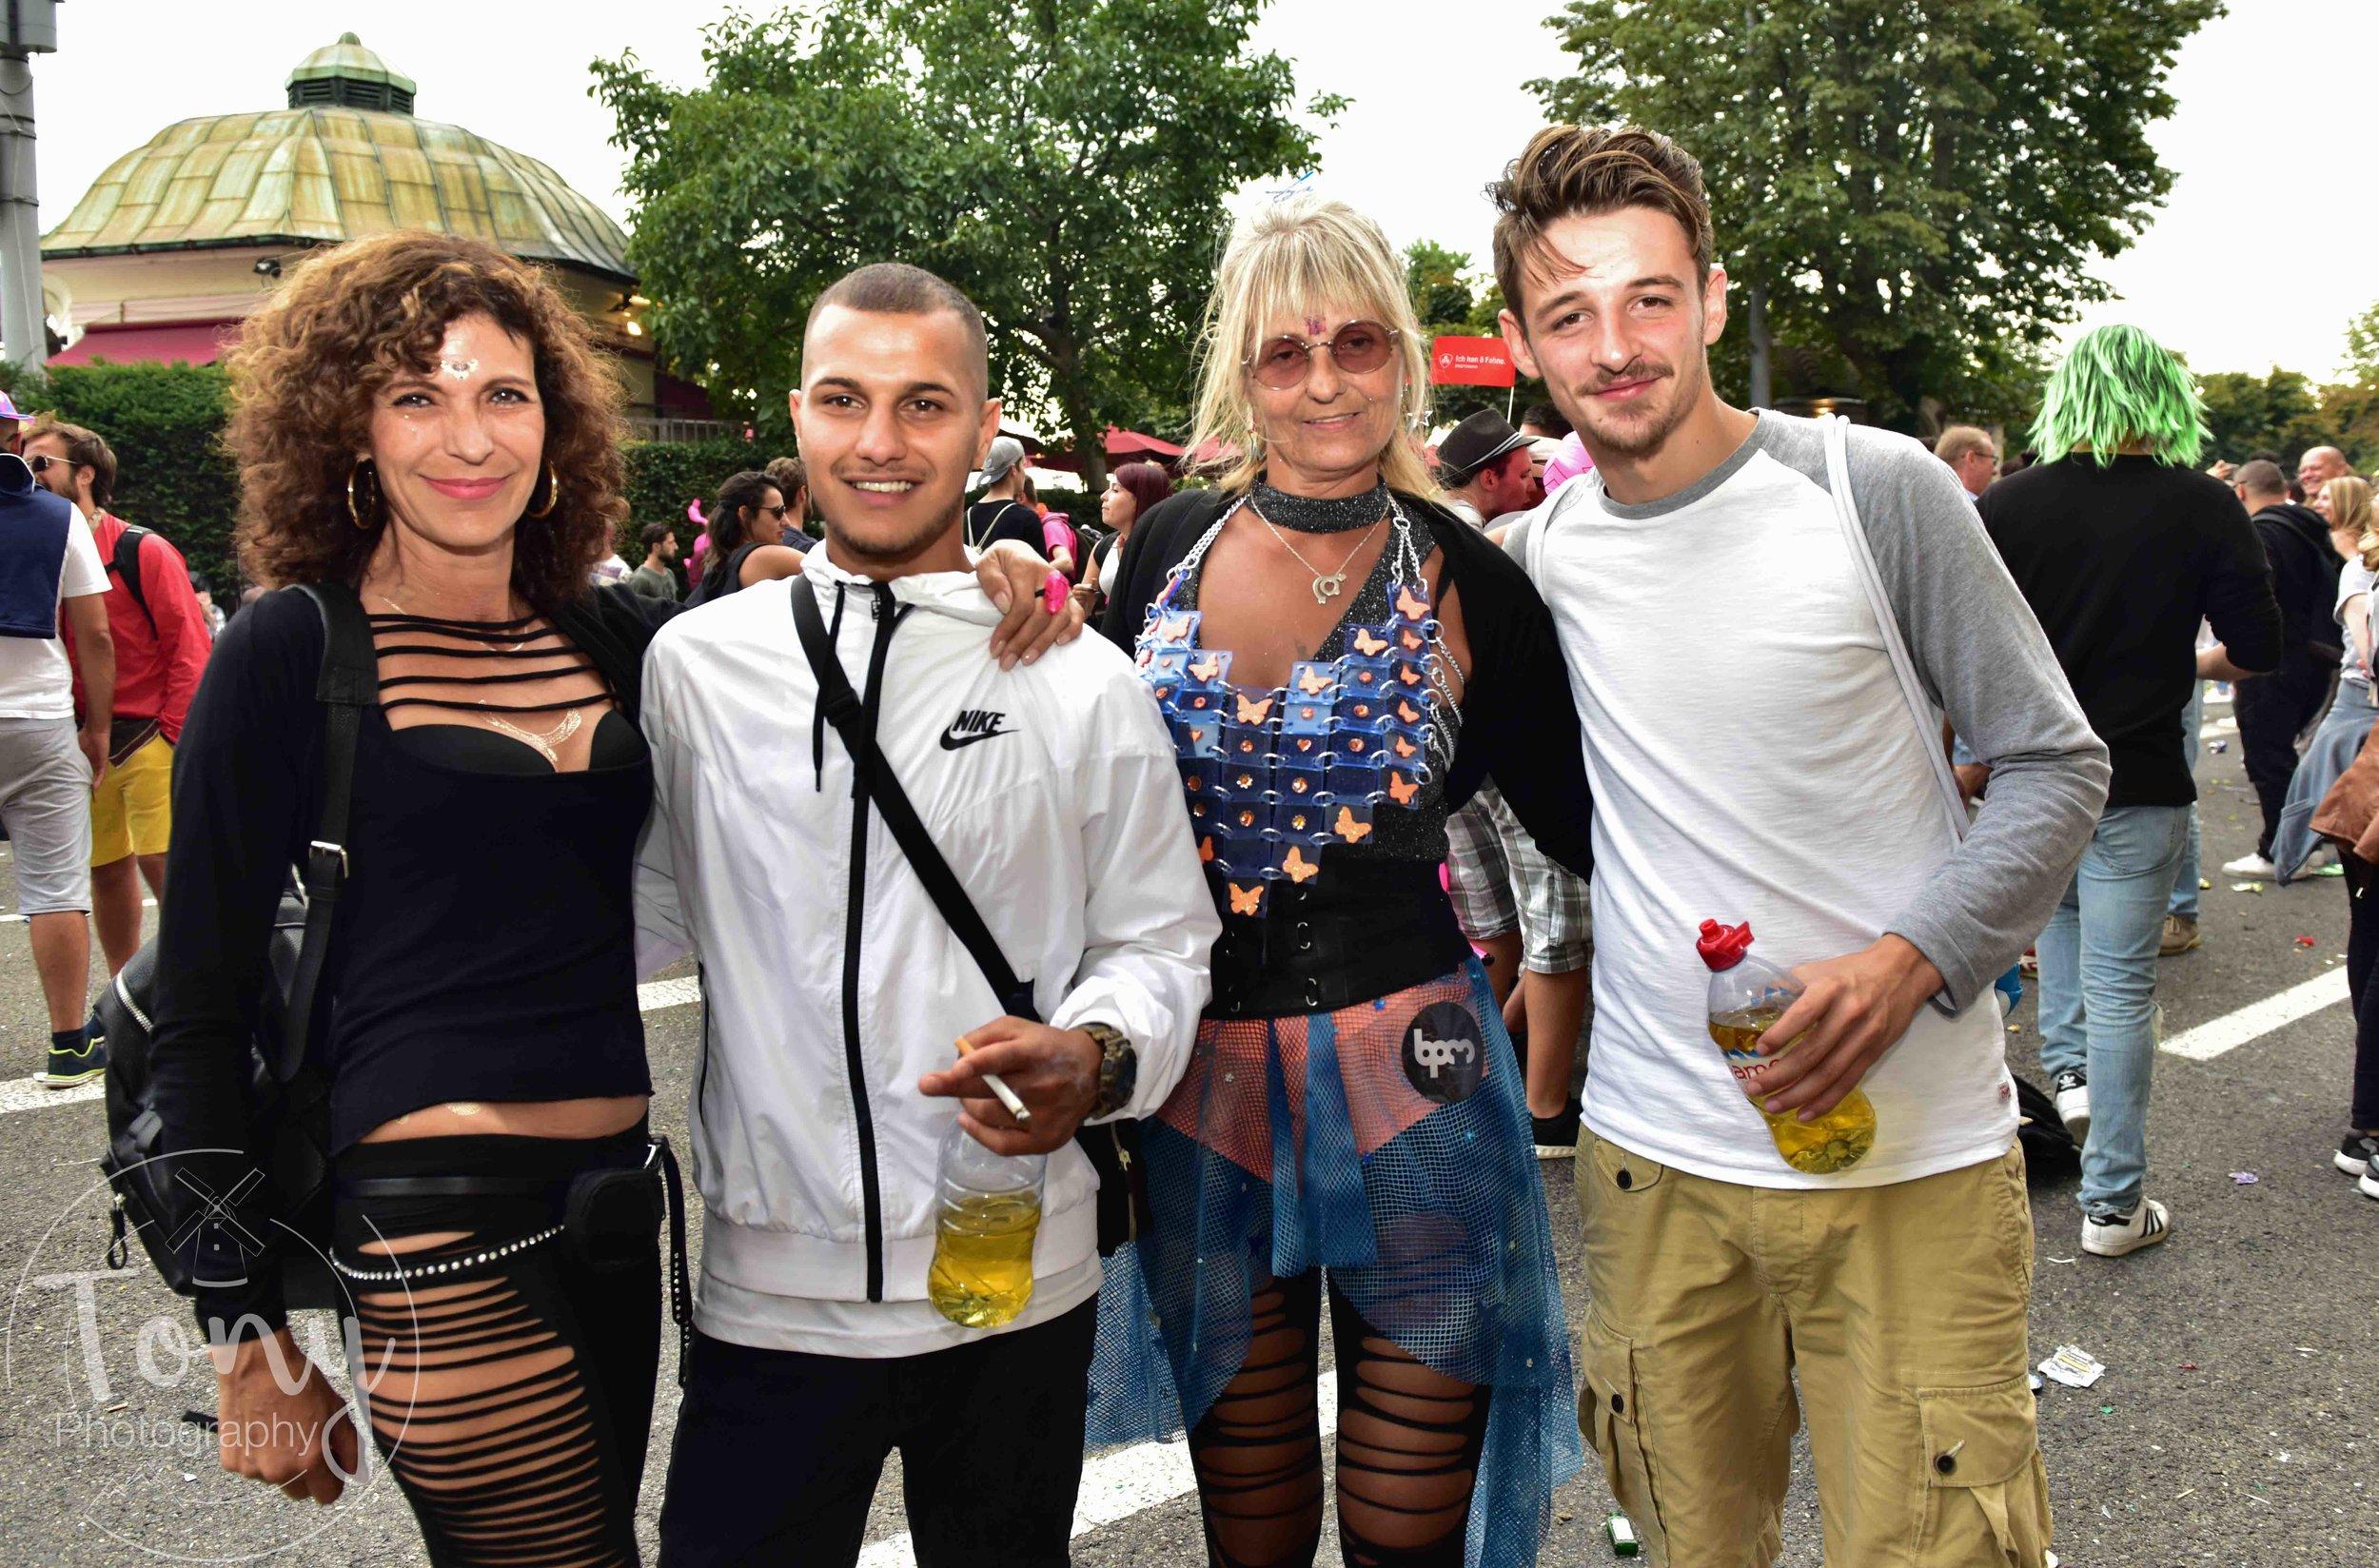 streetparade-225.jpg